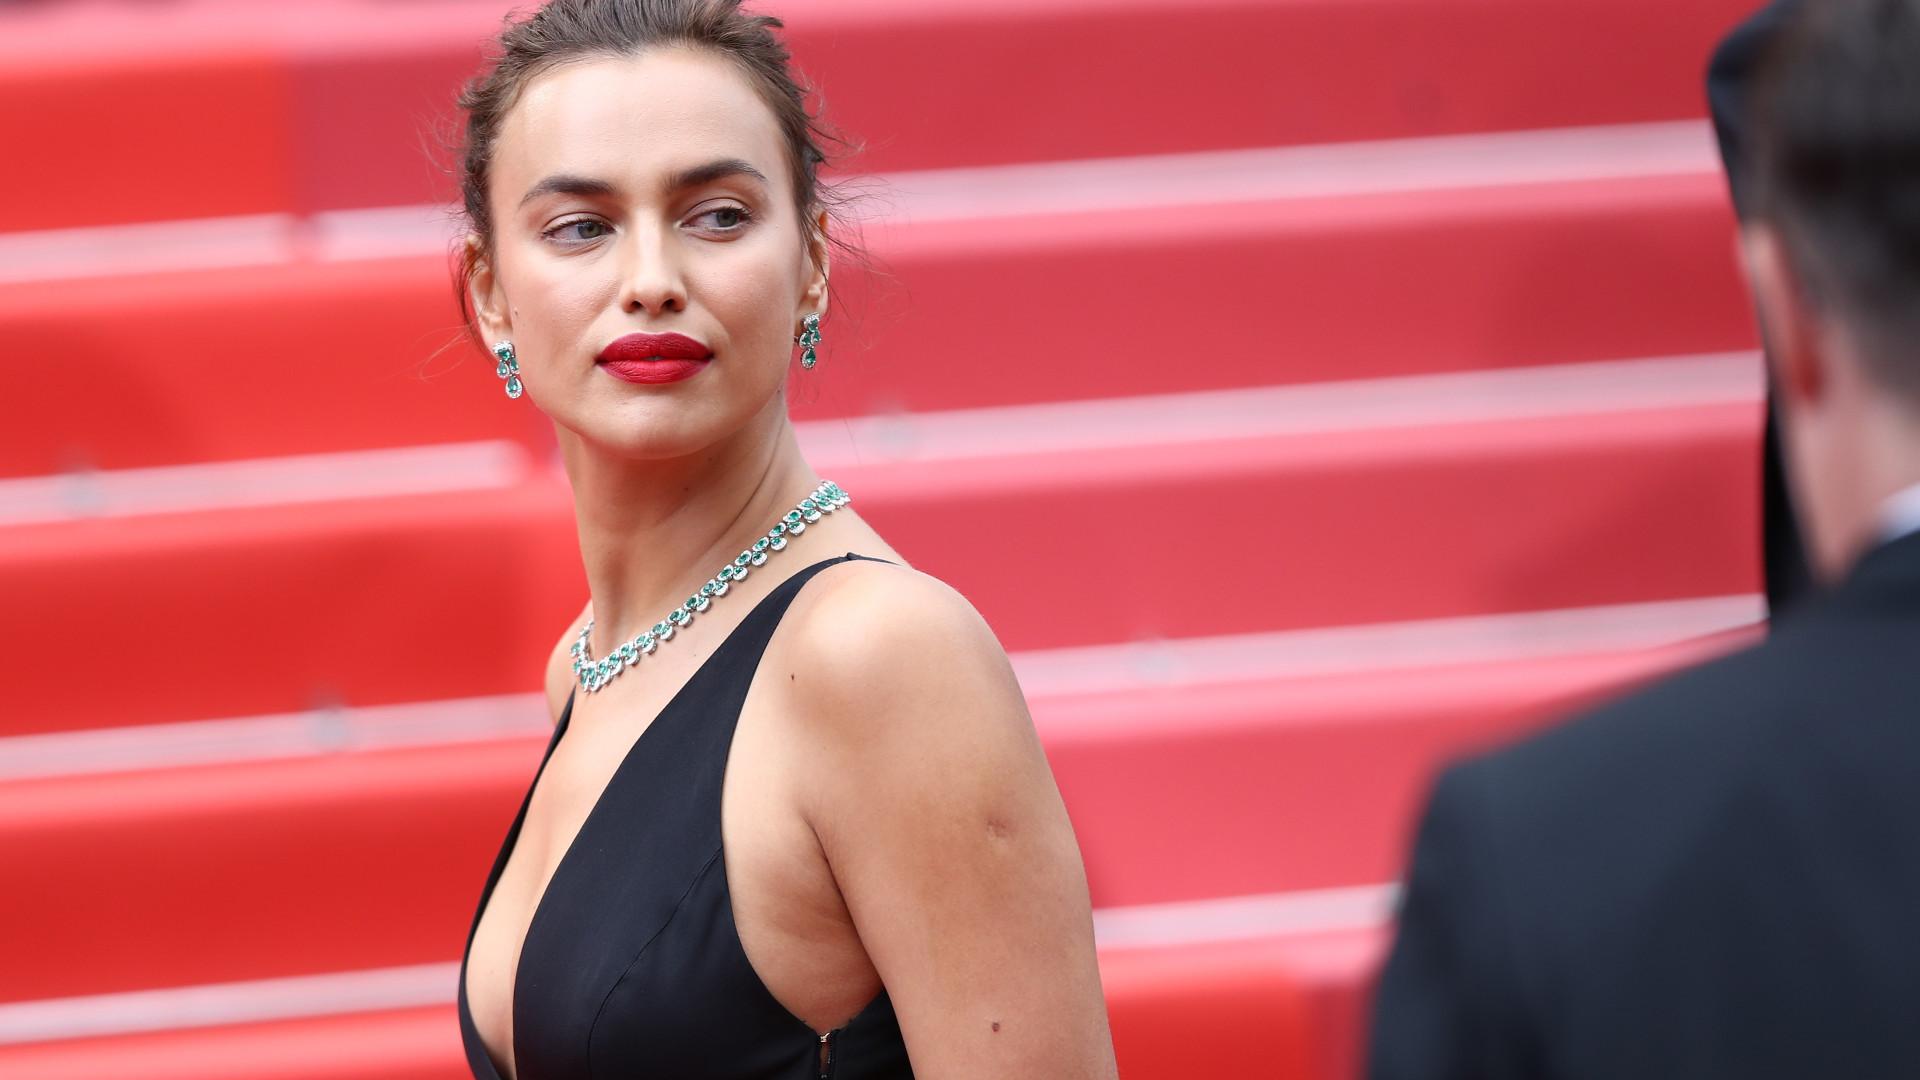 'À moda russa': O tipo de educação que Irina Shayk dá à filha